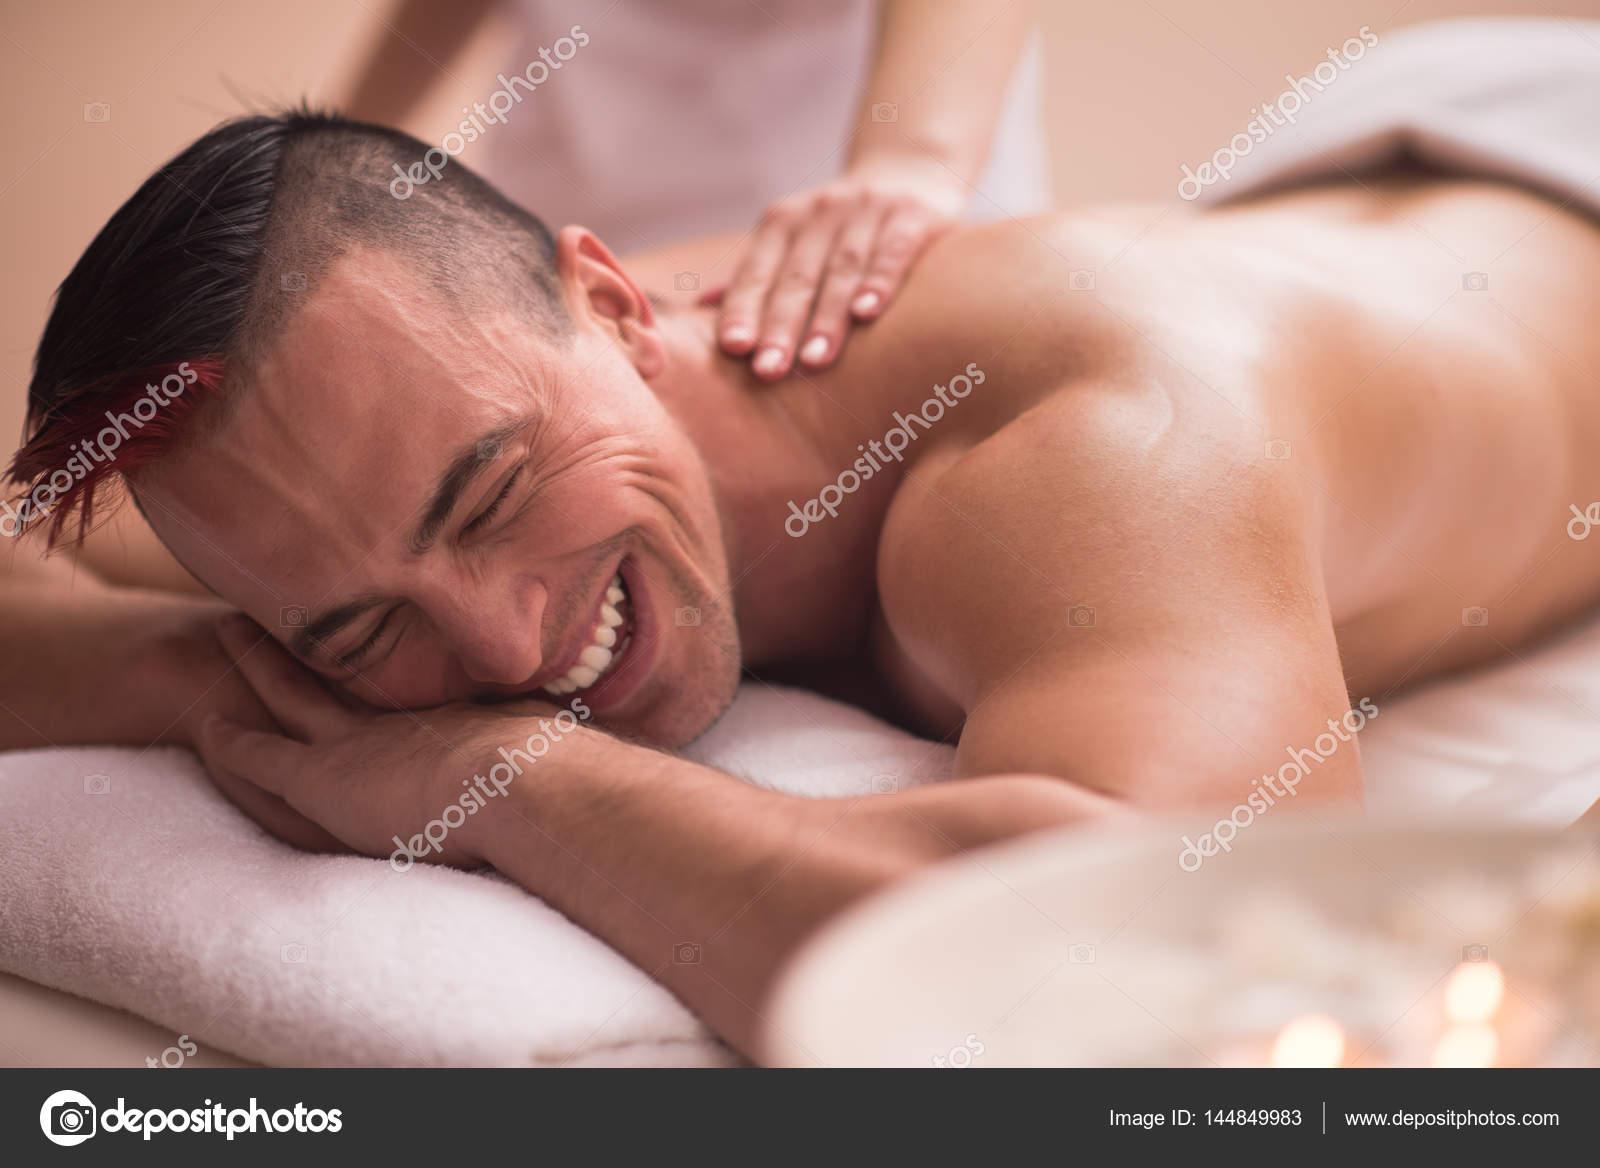 Σαουθάμπτον γκέι σεξ